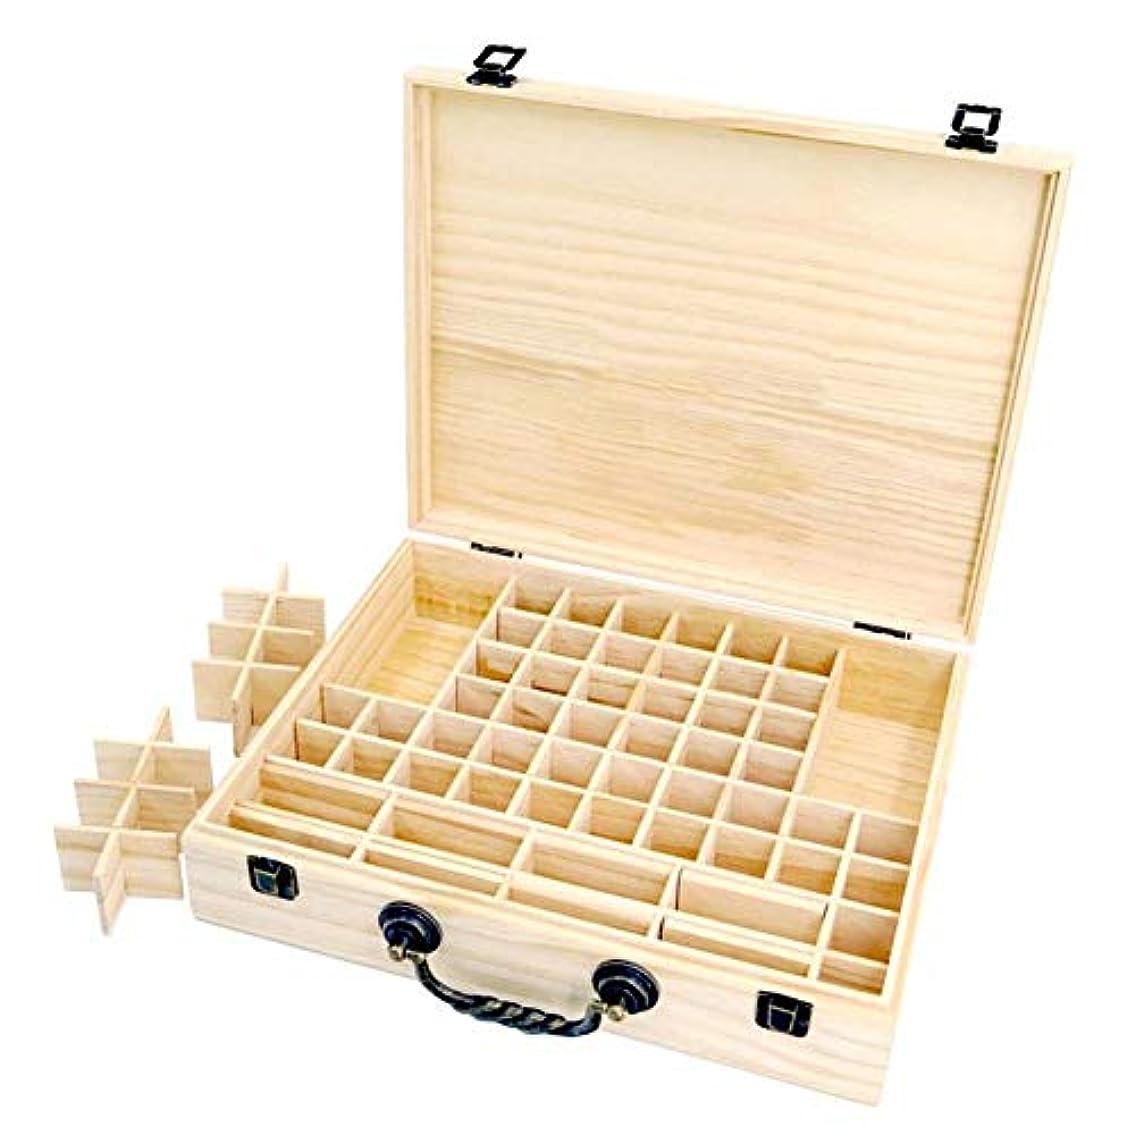 マリナー連結するすすり泣きエッセンシャルオイル収納ボックス 収納ケース 保存ボックス パイン製 取り外し可能なメッシュ 70グリッド 持ち運び便利 junexi